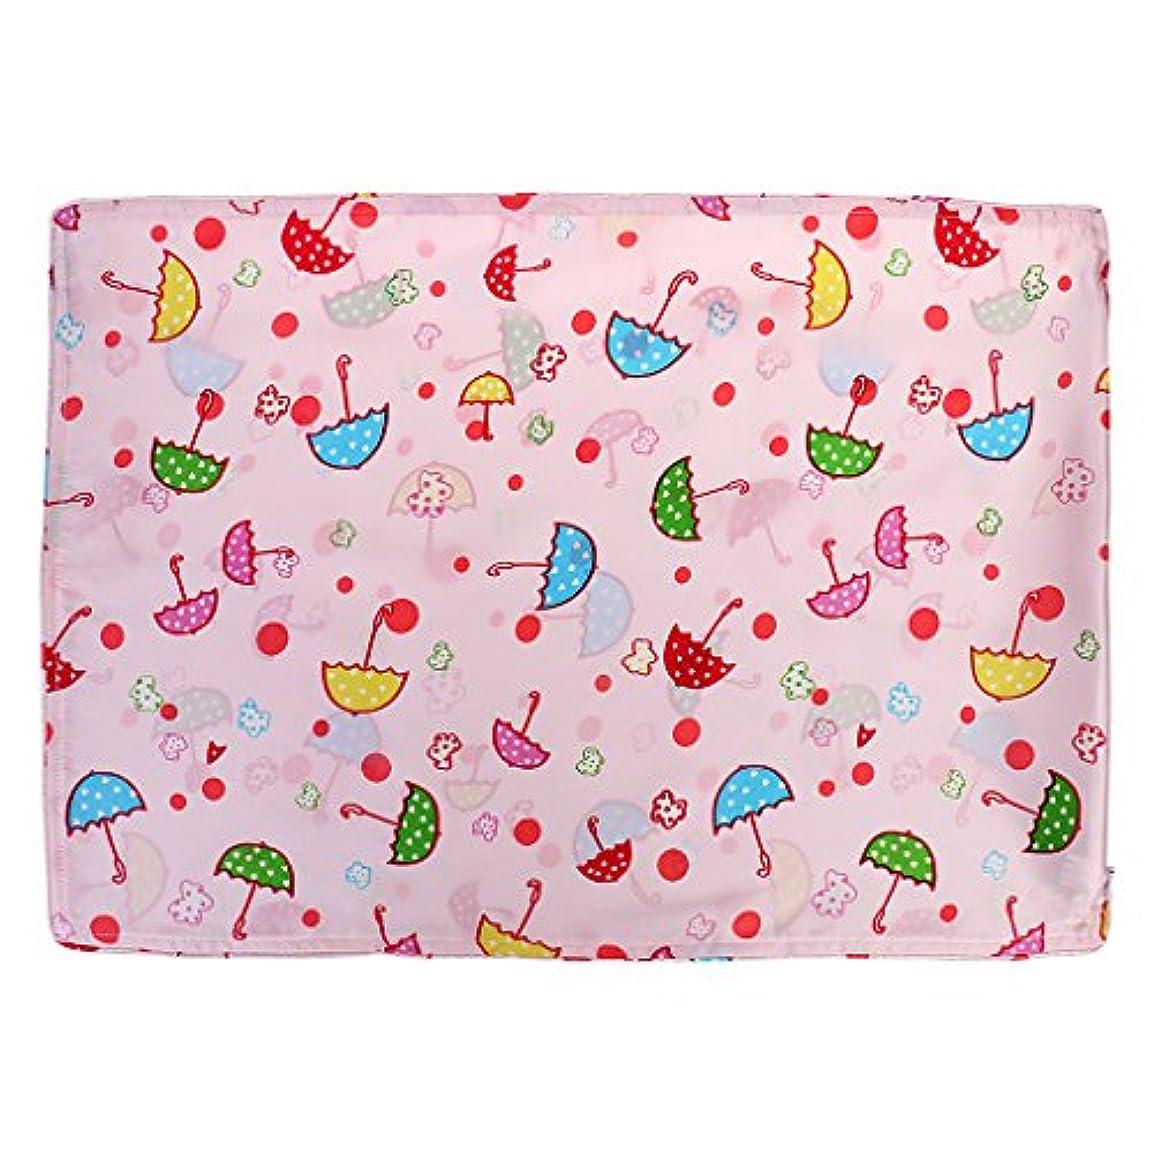 泥だらけ傘アンタゴニストかわいい赤ちゃんキッズ100%シルクサテン両面枕カバー30 * 45センチメートル傘ピンク